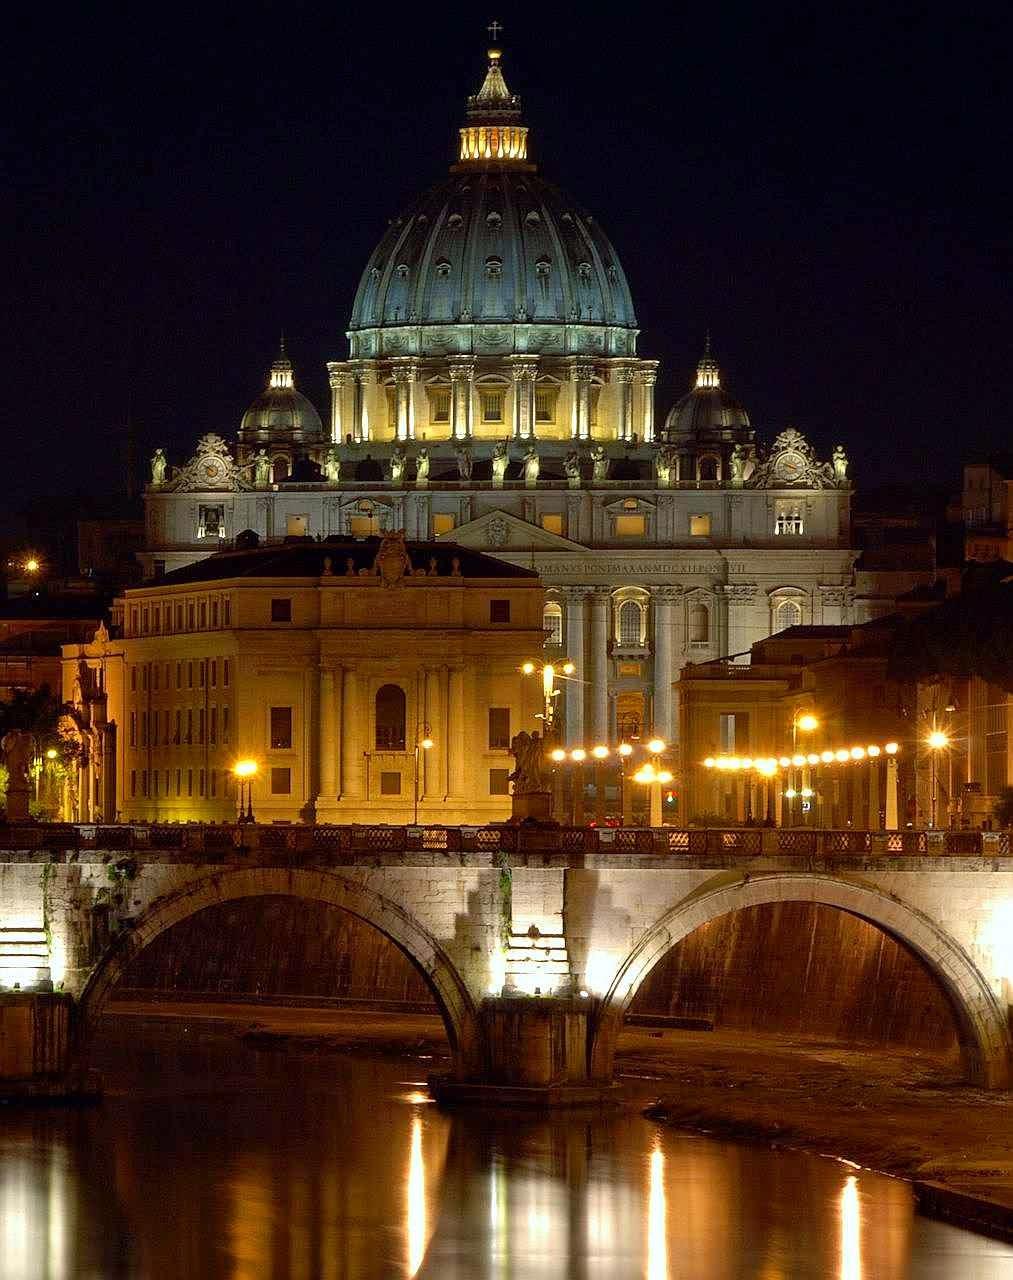 A Roma pagã ruiu, mas a Igreja tirou a cidade das ruínas e a elevou a uma glória e a um esplendor ainda maior.